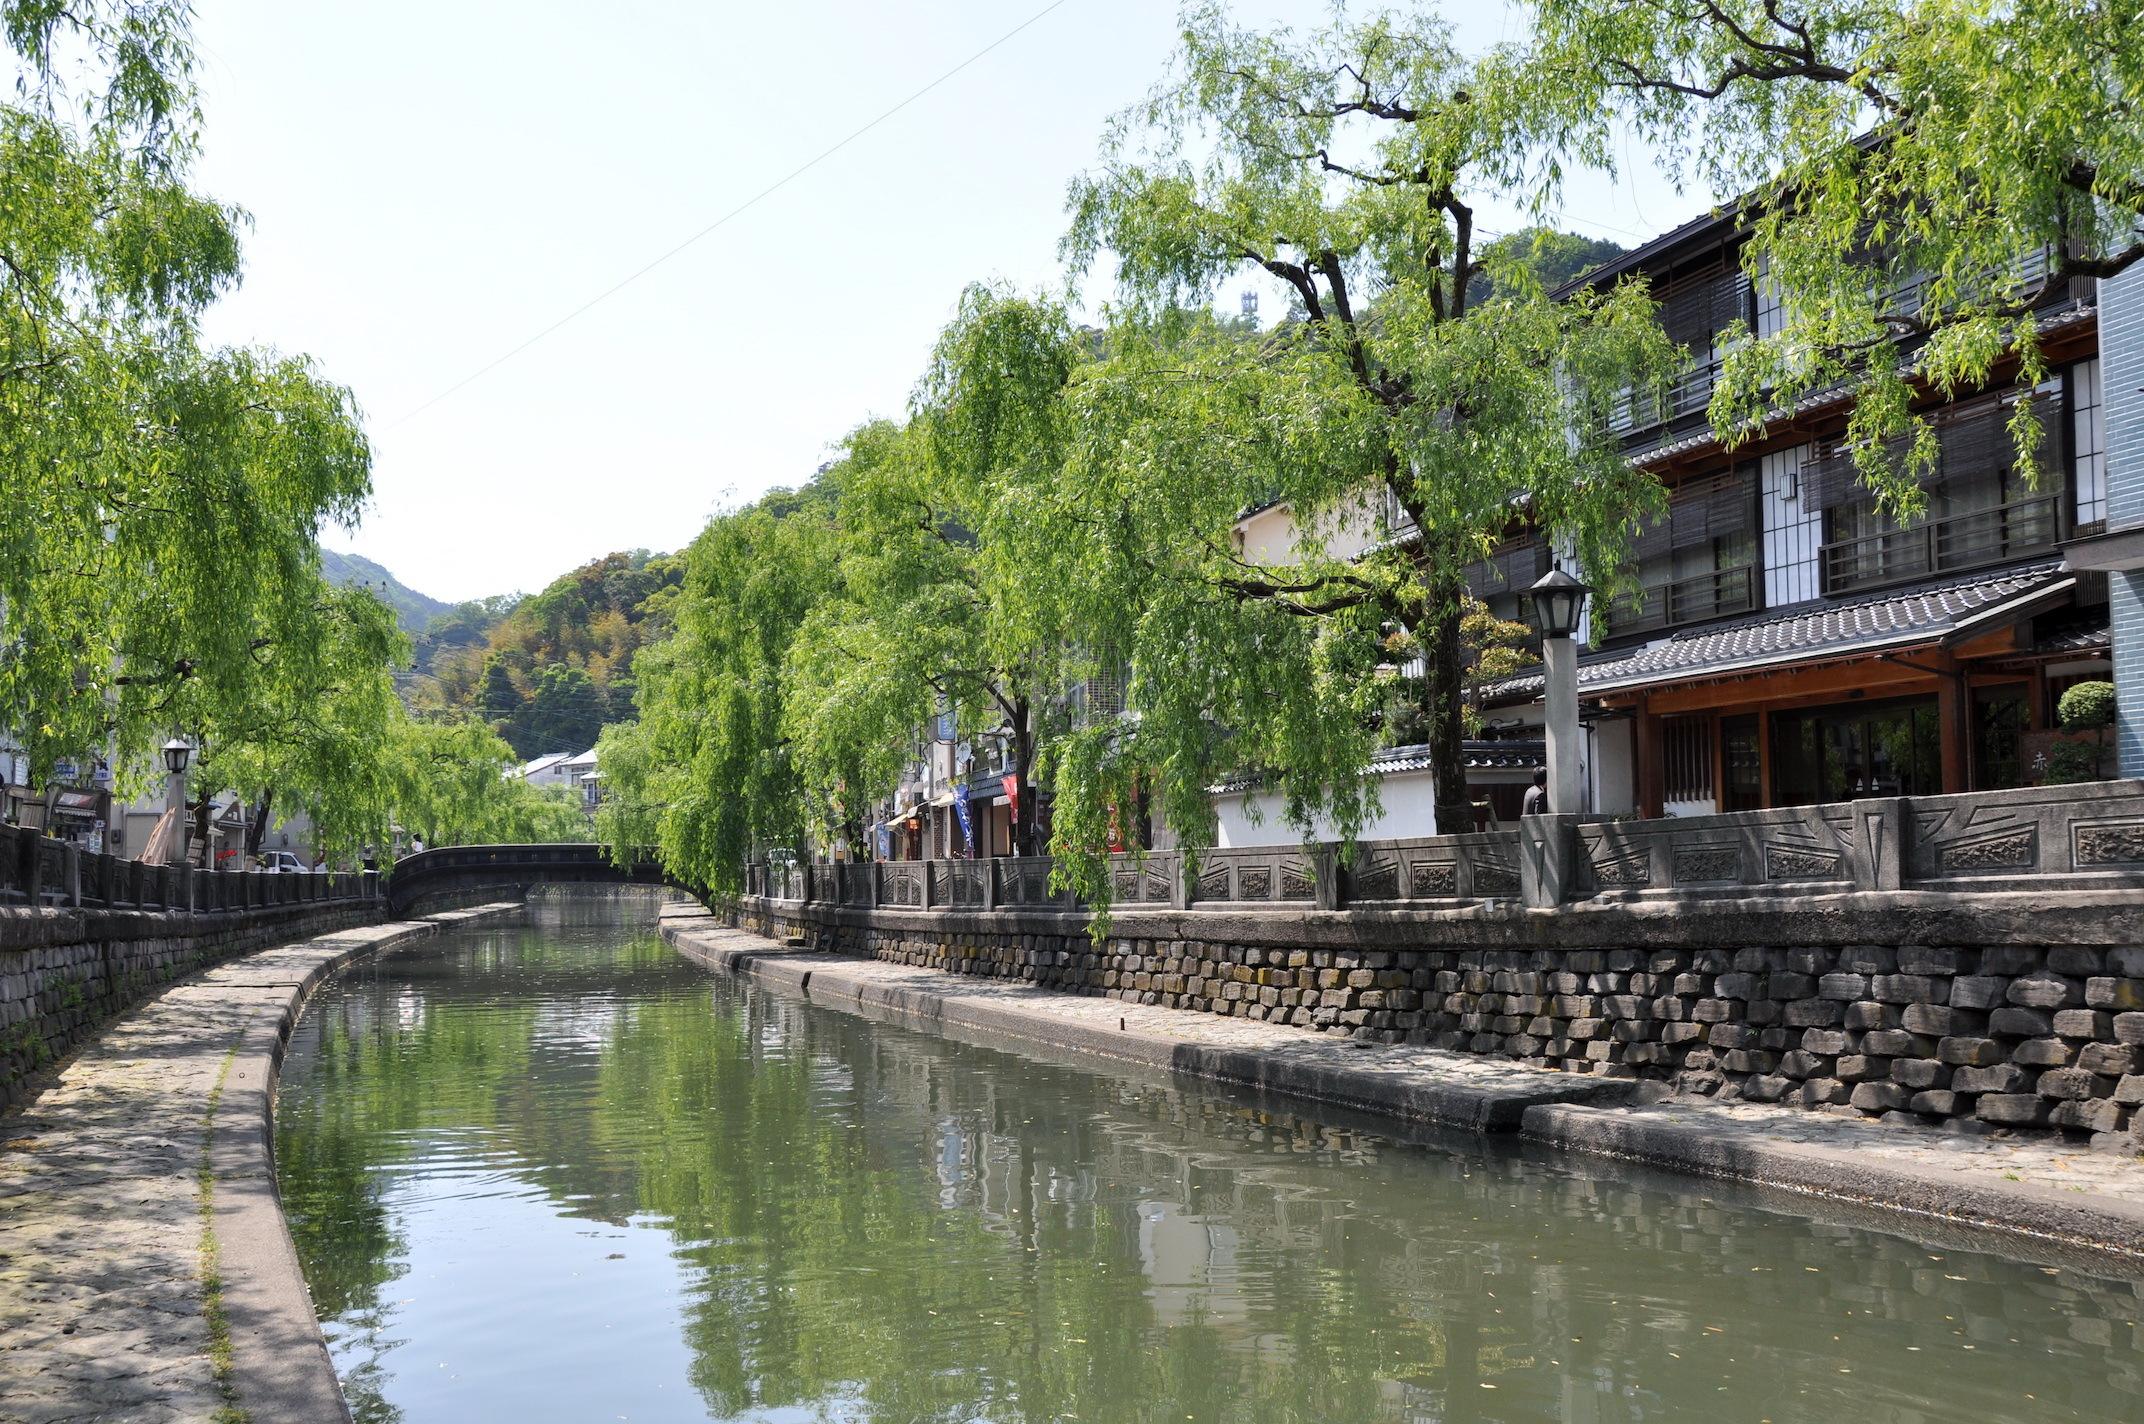 往時の雰囲気を壊さない風情ある街並みを留める城崎温泉